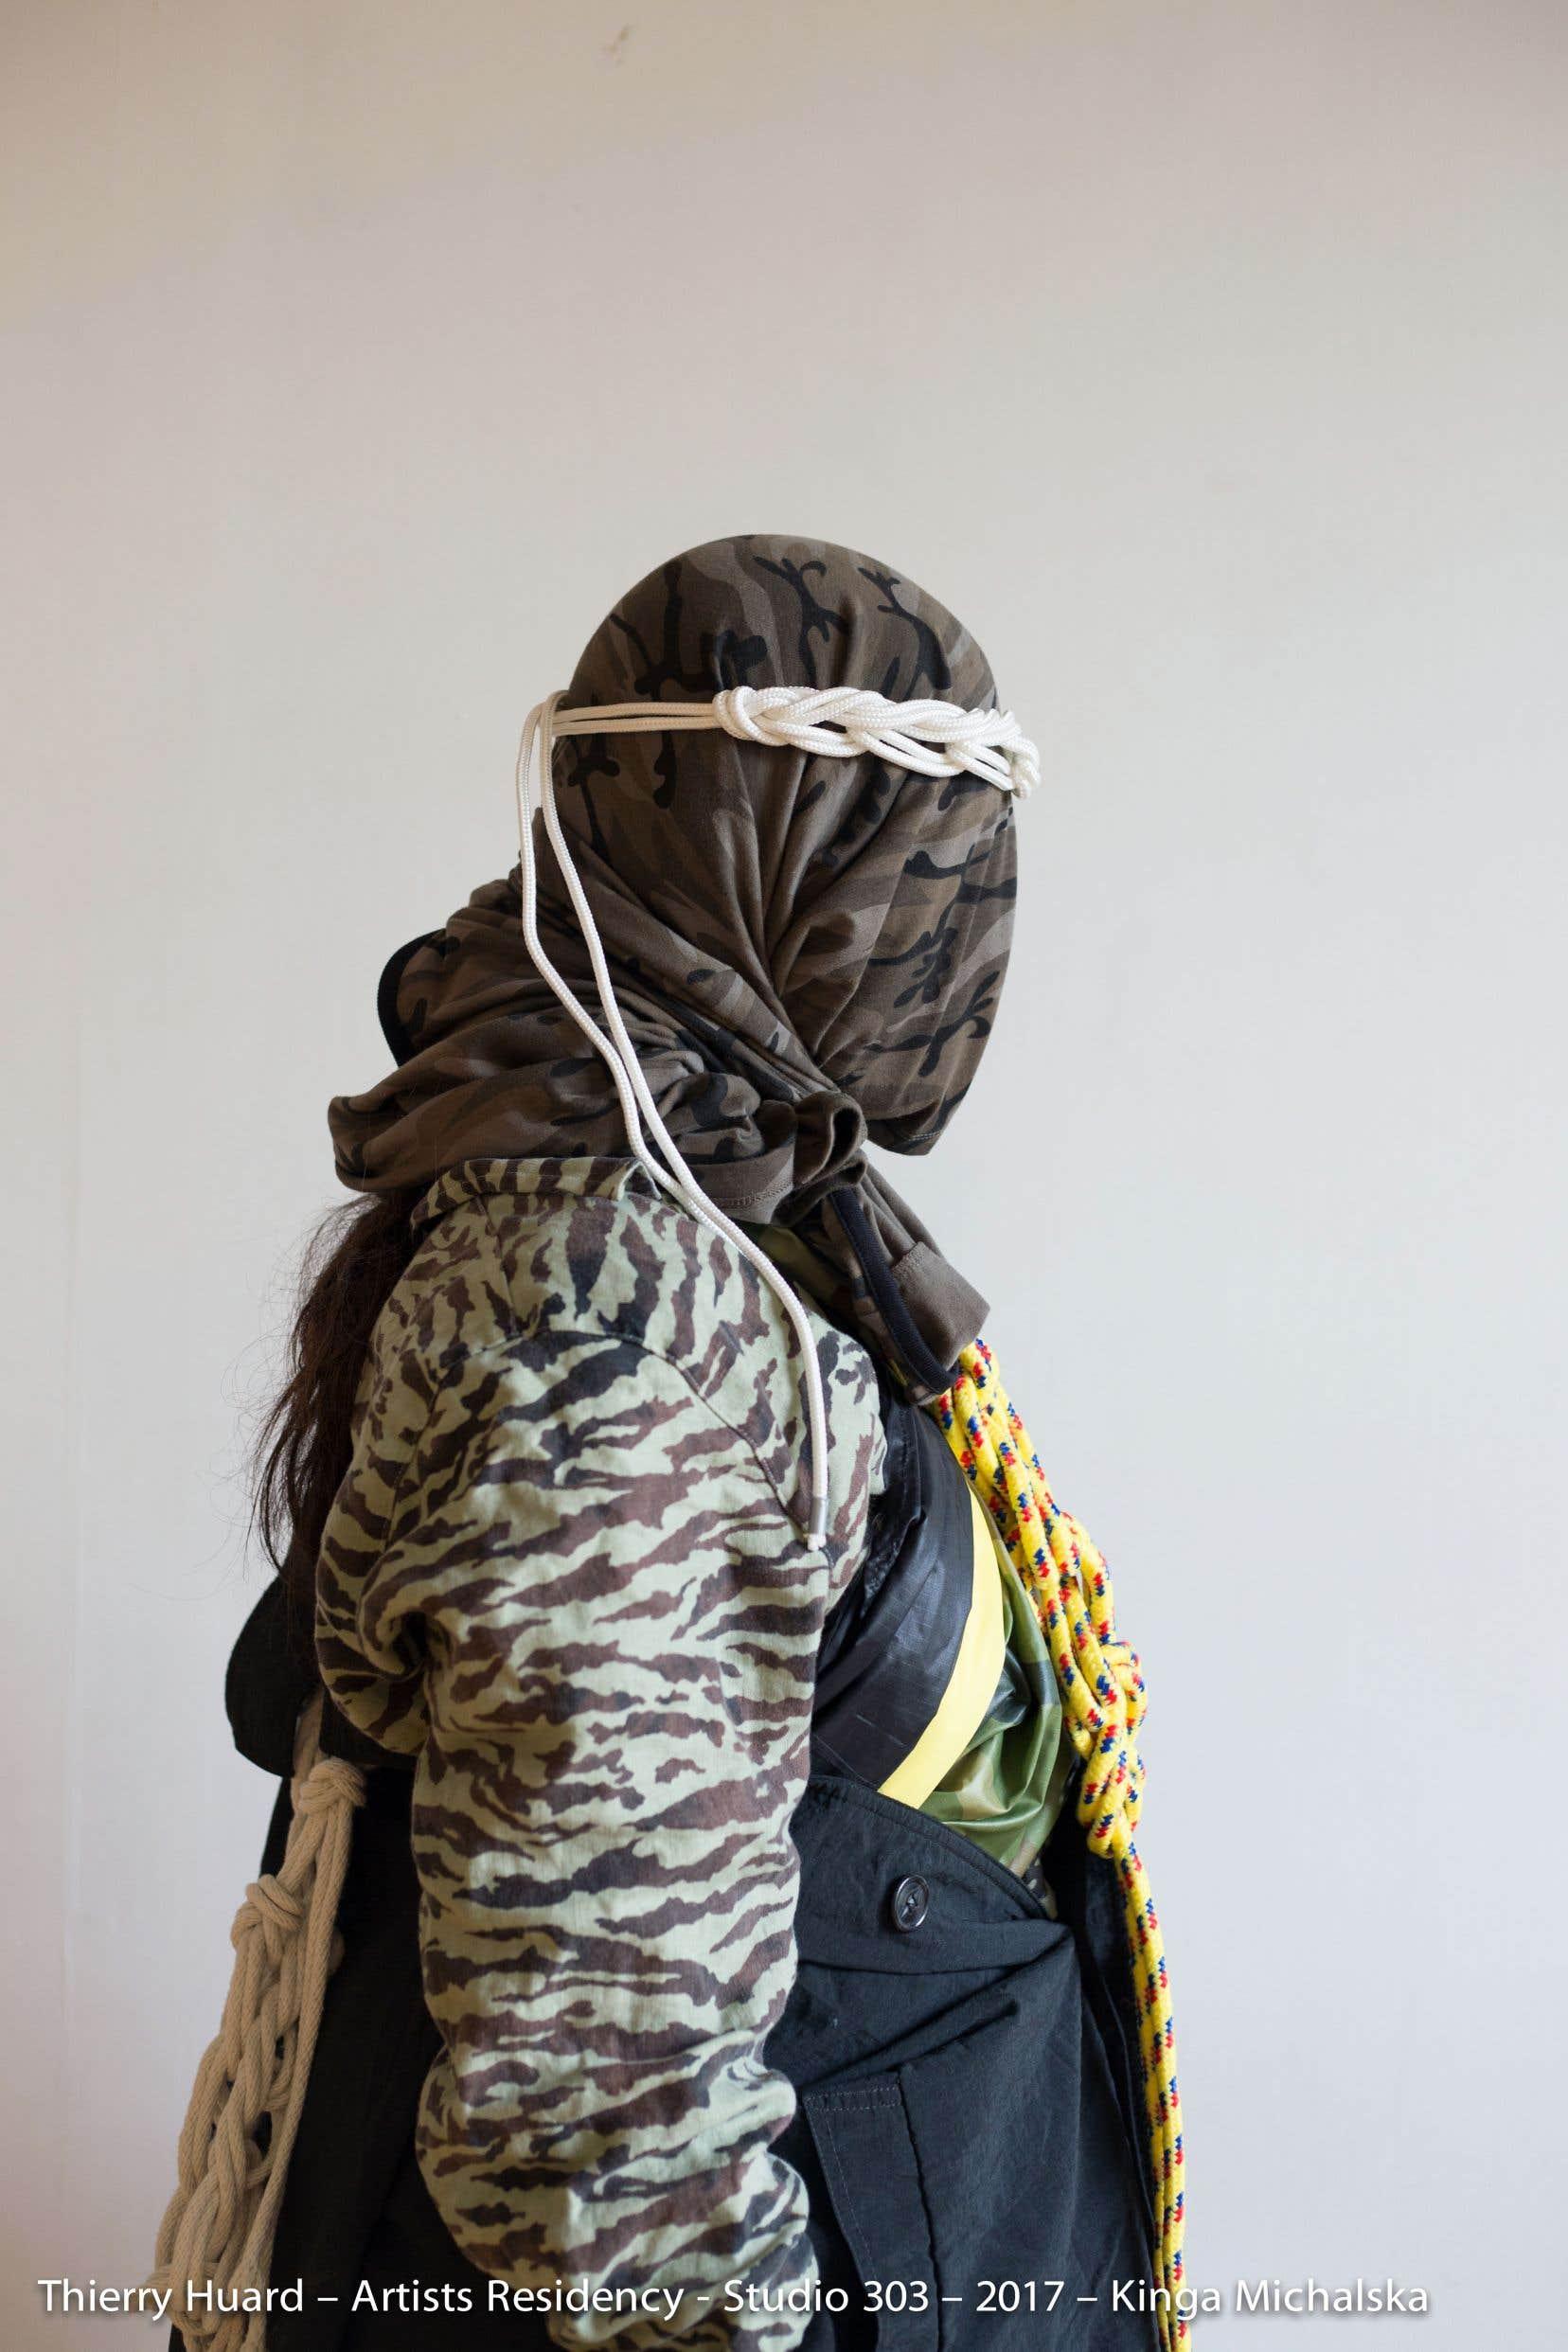 Dans «We Can Disappear You»,Thierry Huard utilise des symboles de force et de violence, mais sans les charger, ni dans l'énergie ni dans l'incarnation.